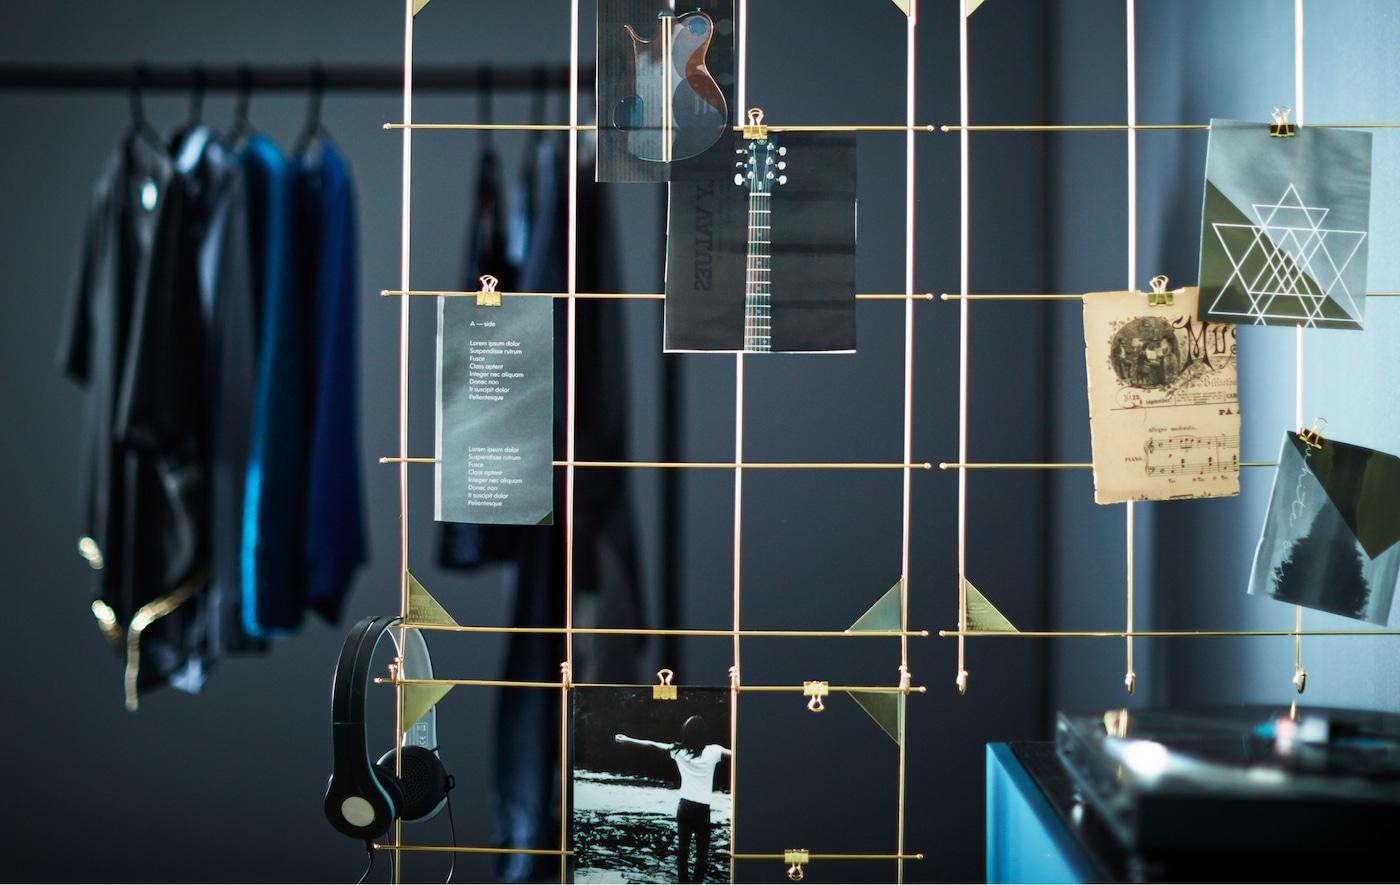 Zeig deine Lieblingssachen an einem vielseitigen Raumteiler, den wir aus IKEA MYRHEDEN Rahmen in Messingfarben gebaut haben. Dazu einfach vier Drahtgeflechtrahmen zusammenhaken und an einer Gardinenstange befestigen, die an der Decke hängt. Ab da ist alles deiner Fantasie überlassen.